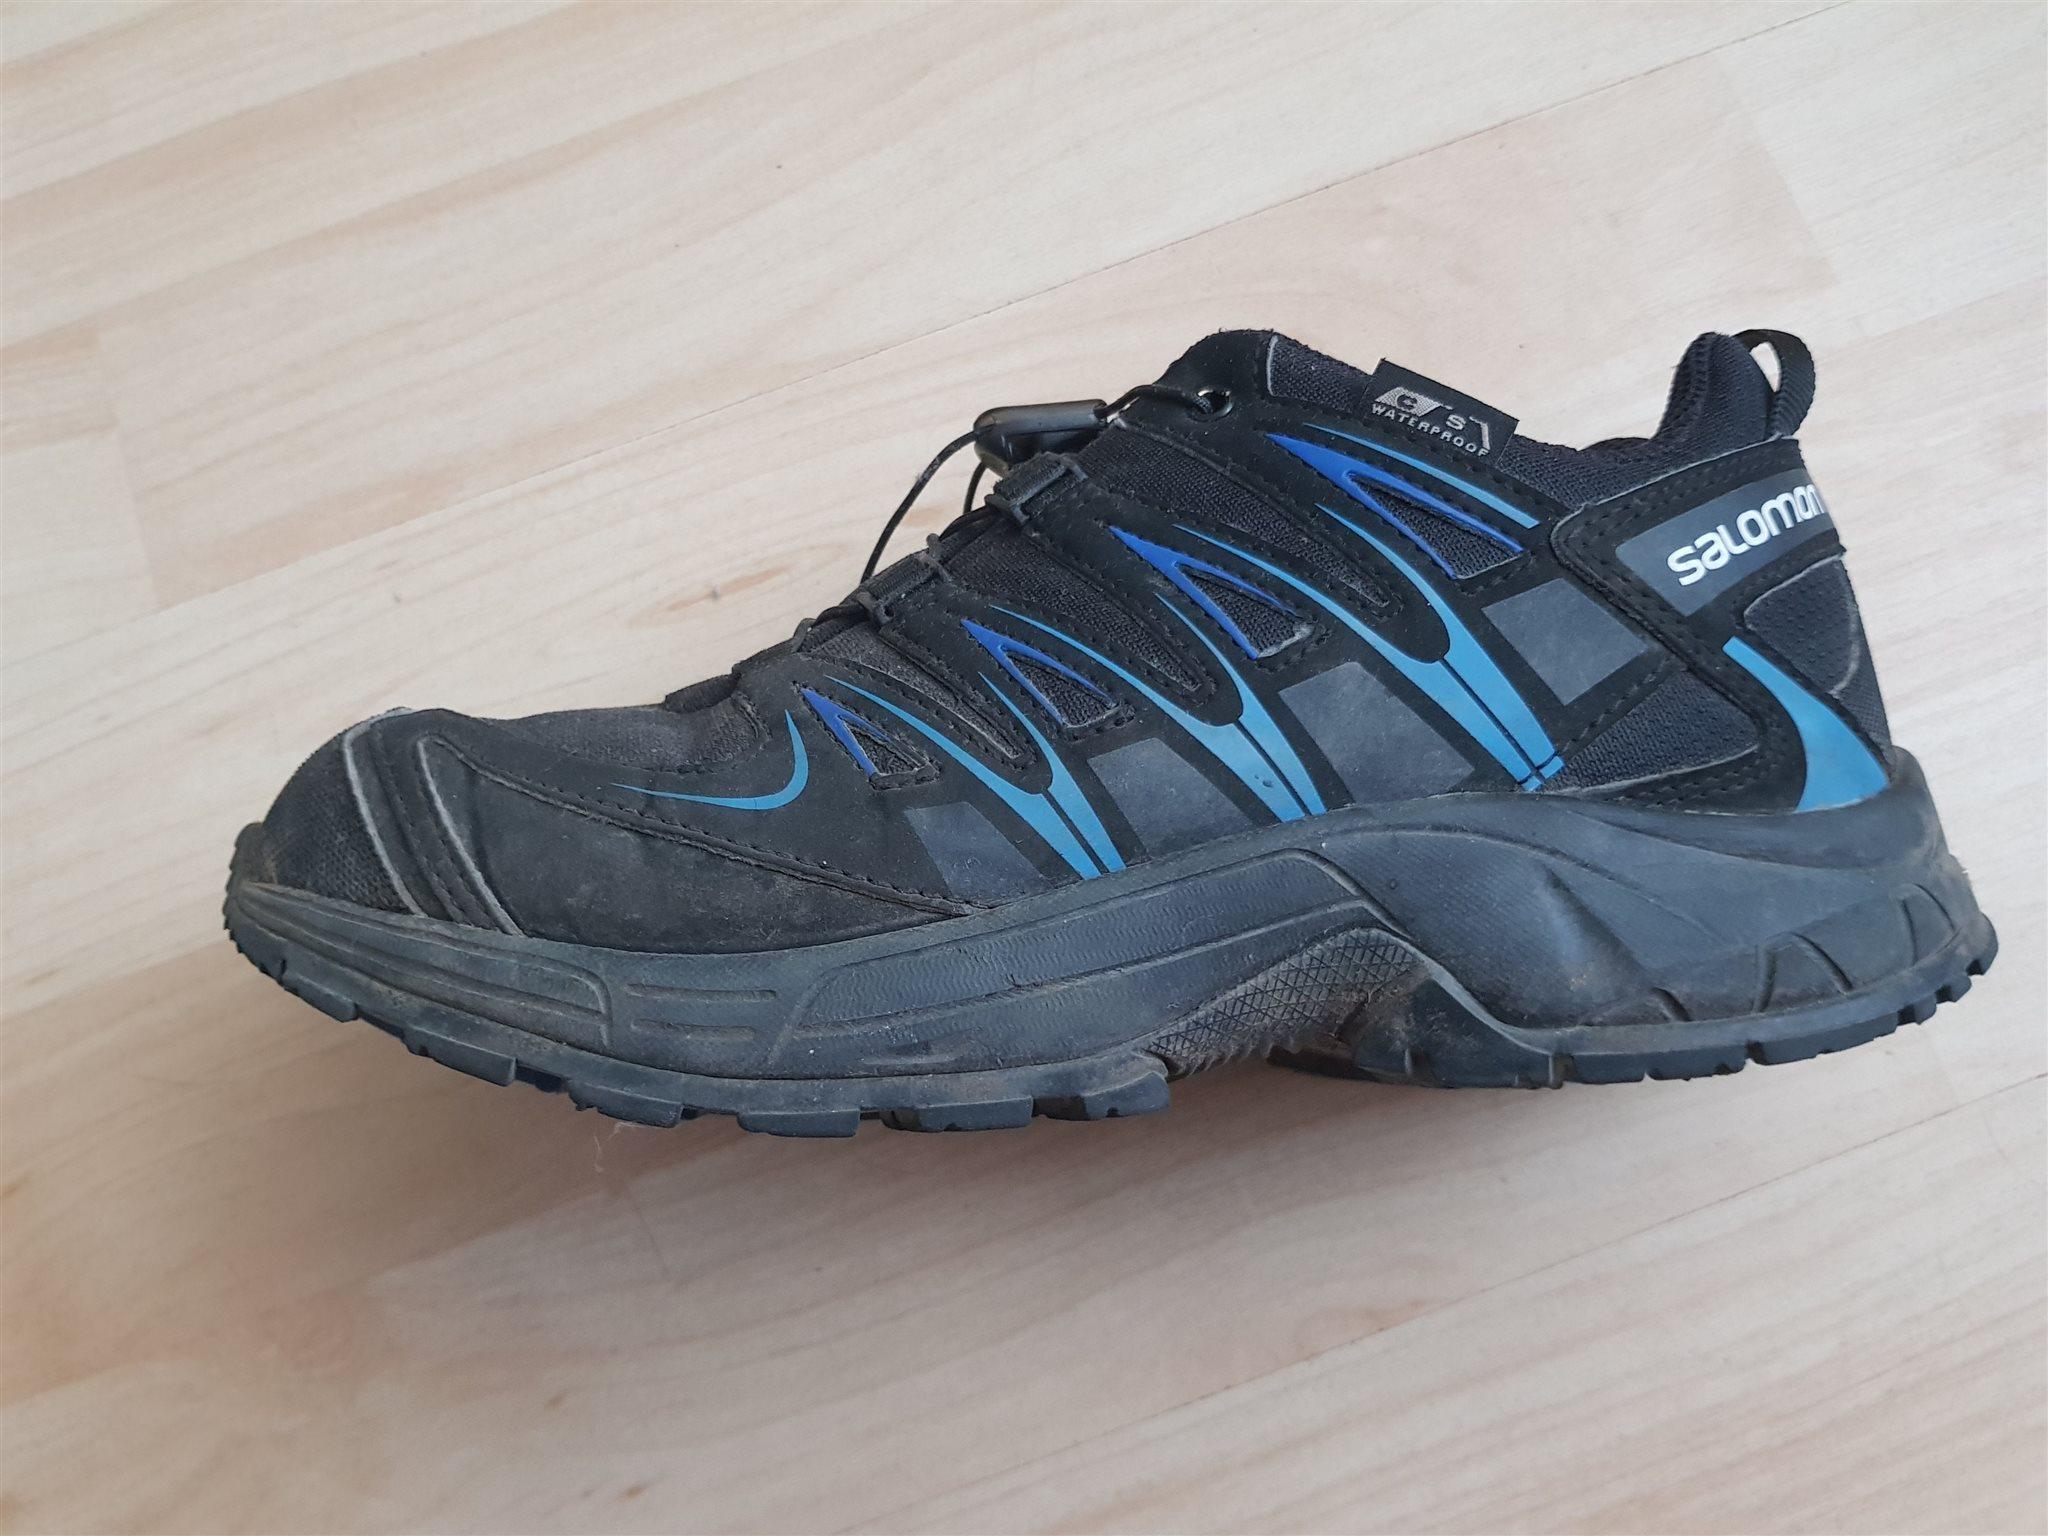 ... cheap salomon skor stl 35 vattenavvisande 356a3 0f801 fb25c7d593d64